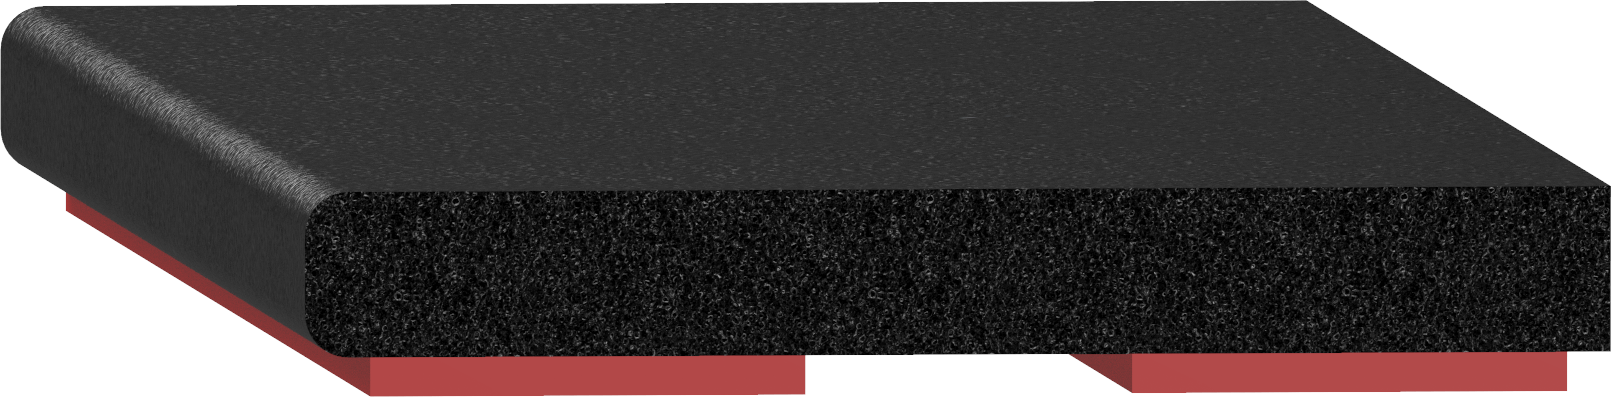 Uni-Grip part: SD-1500-DT